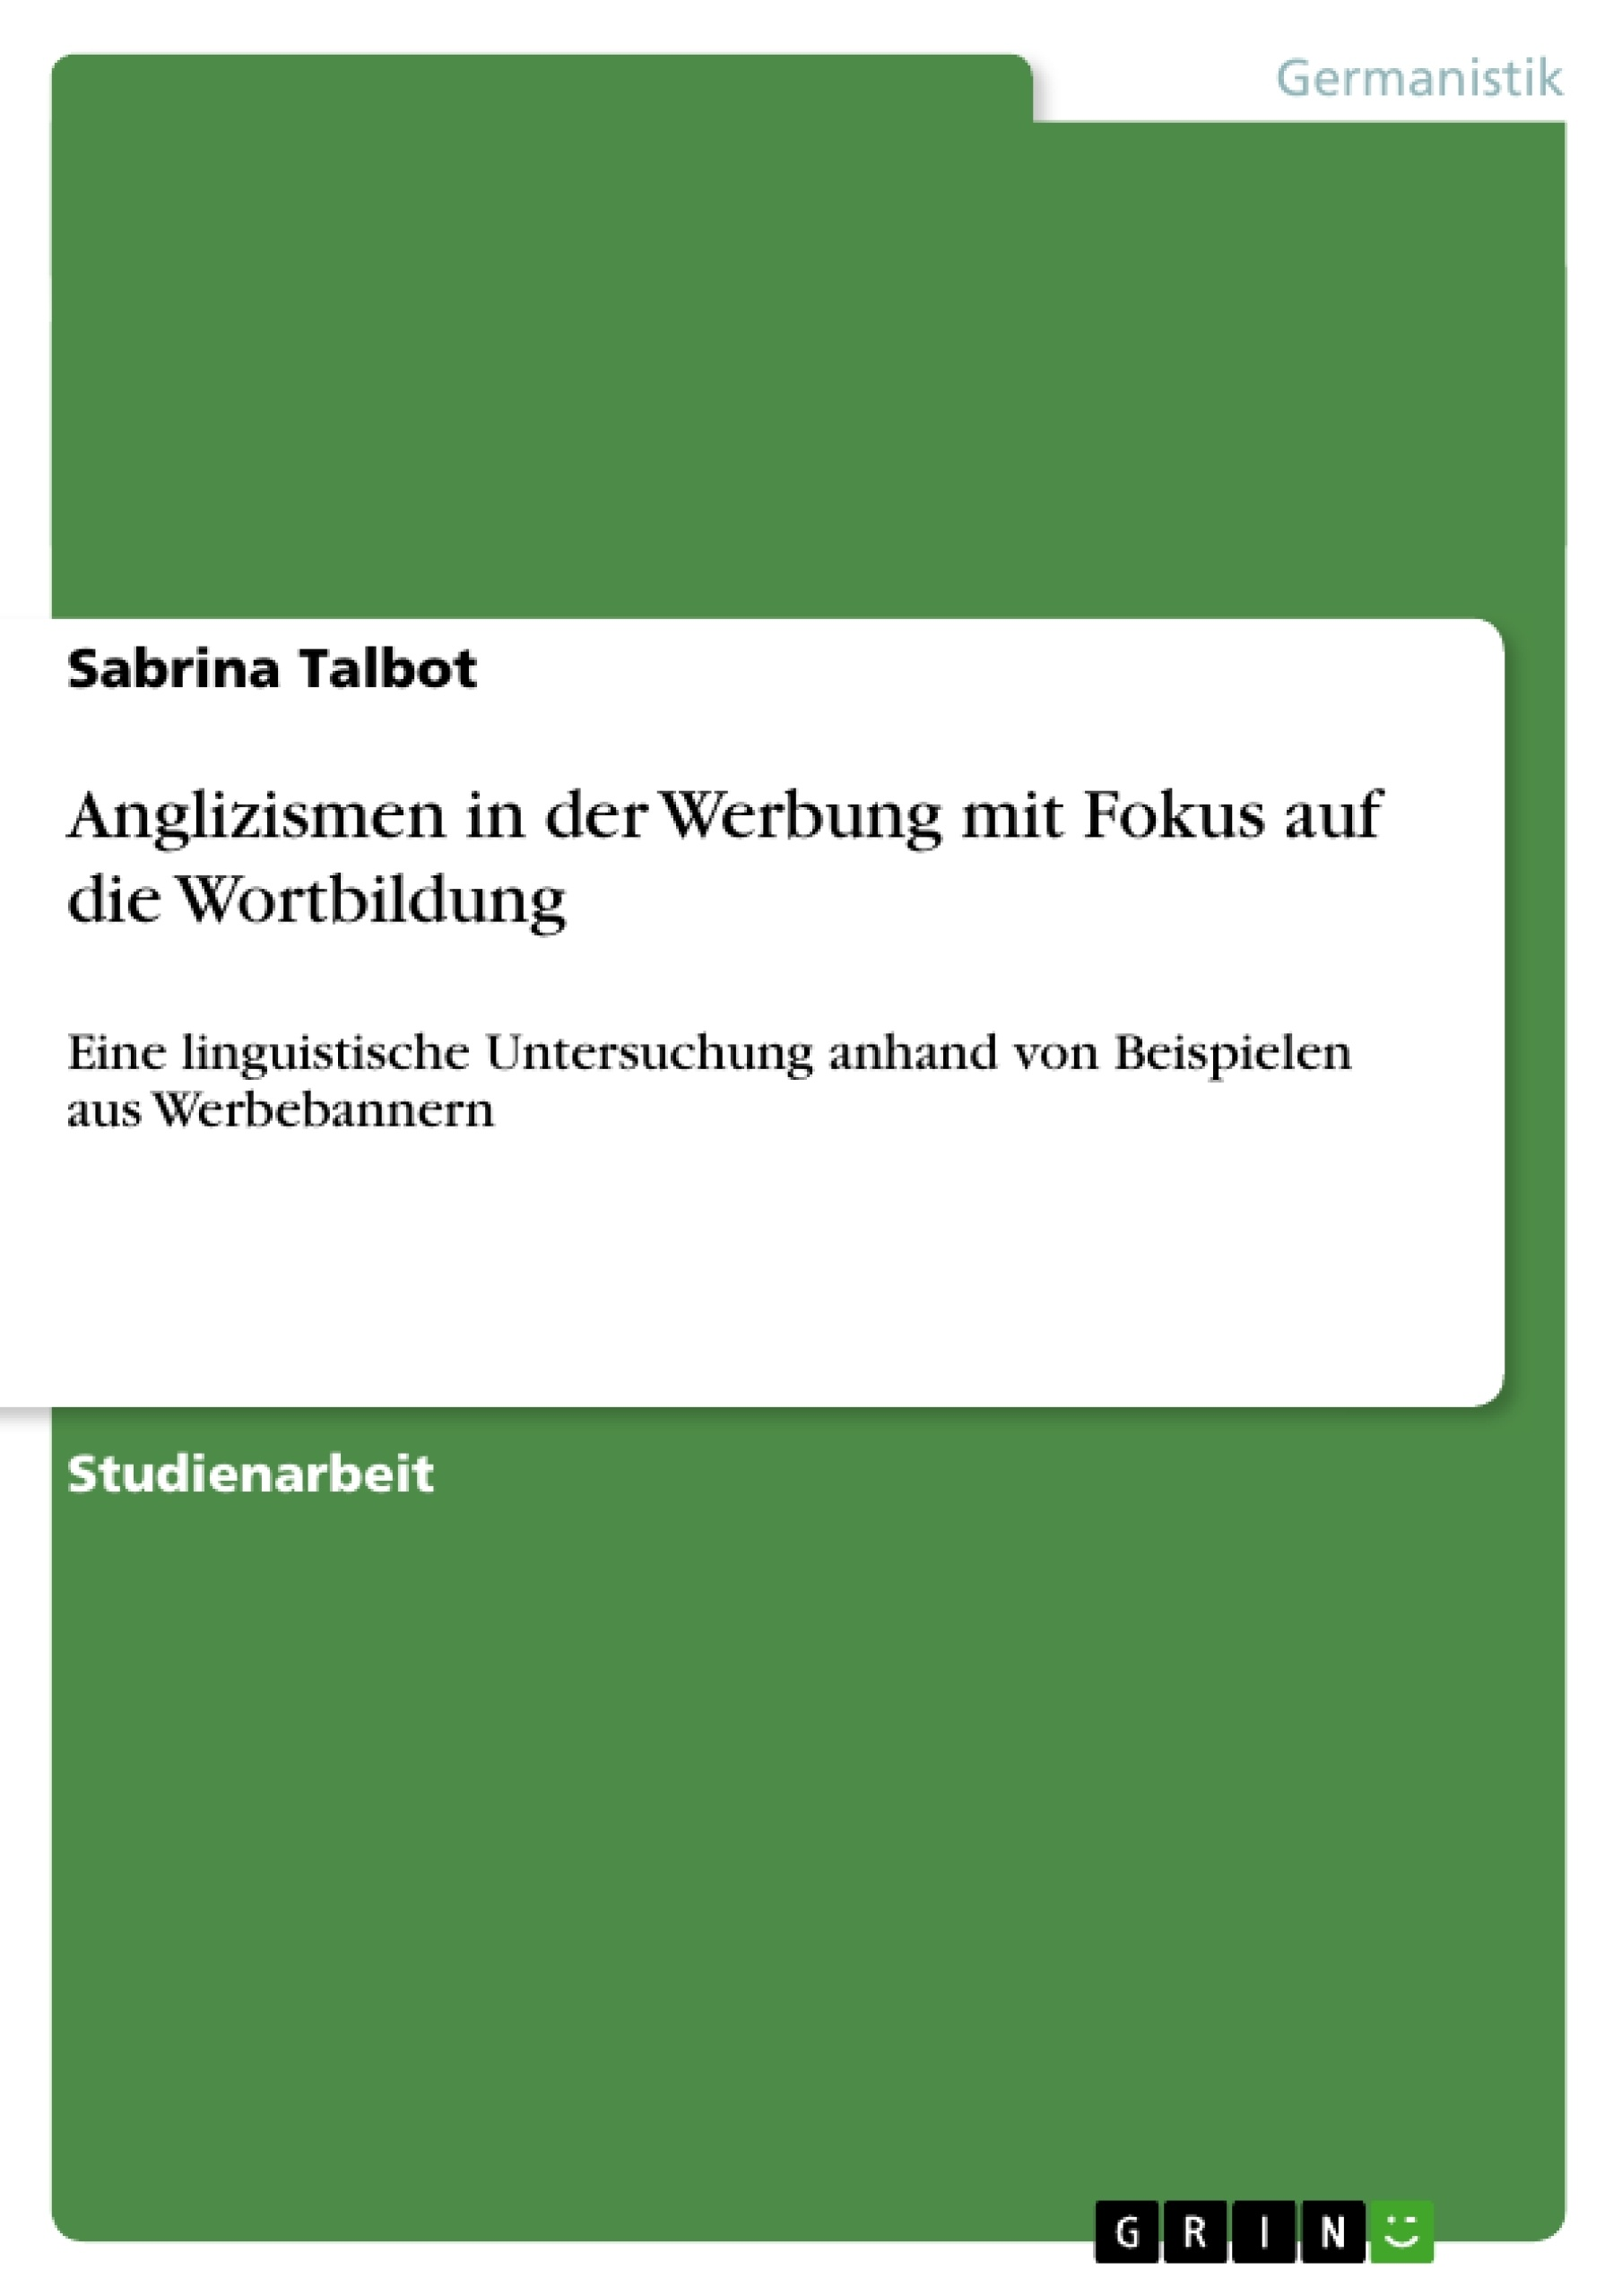 Titel: Anglizismen in der Werbung mit Fokus auf die Wortbildung